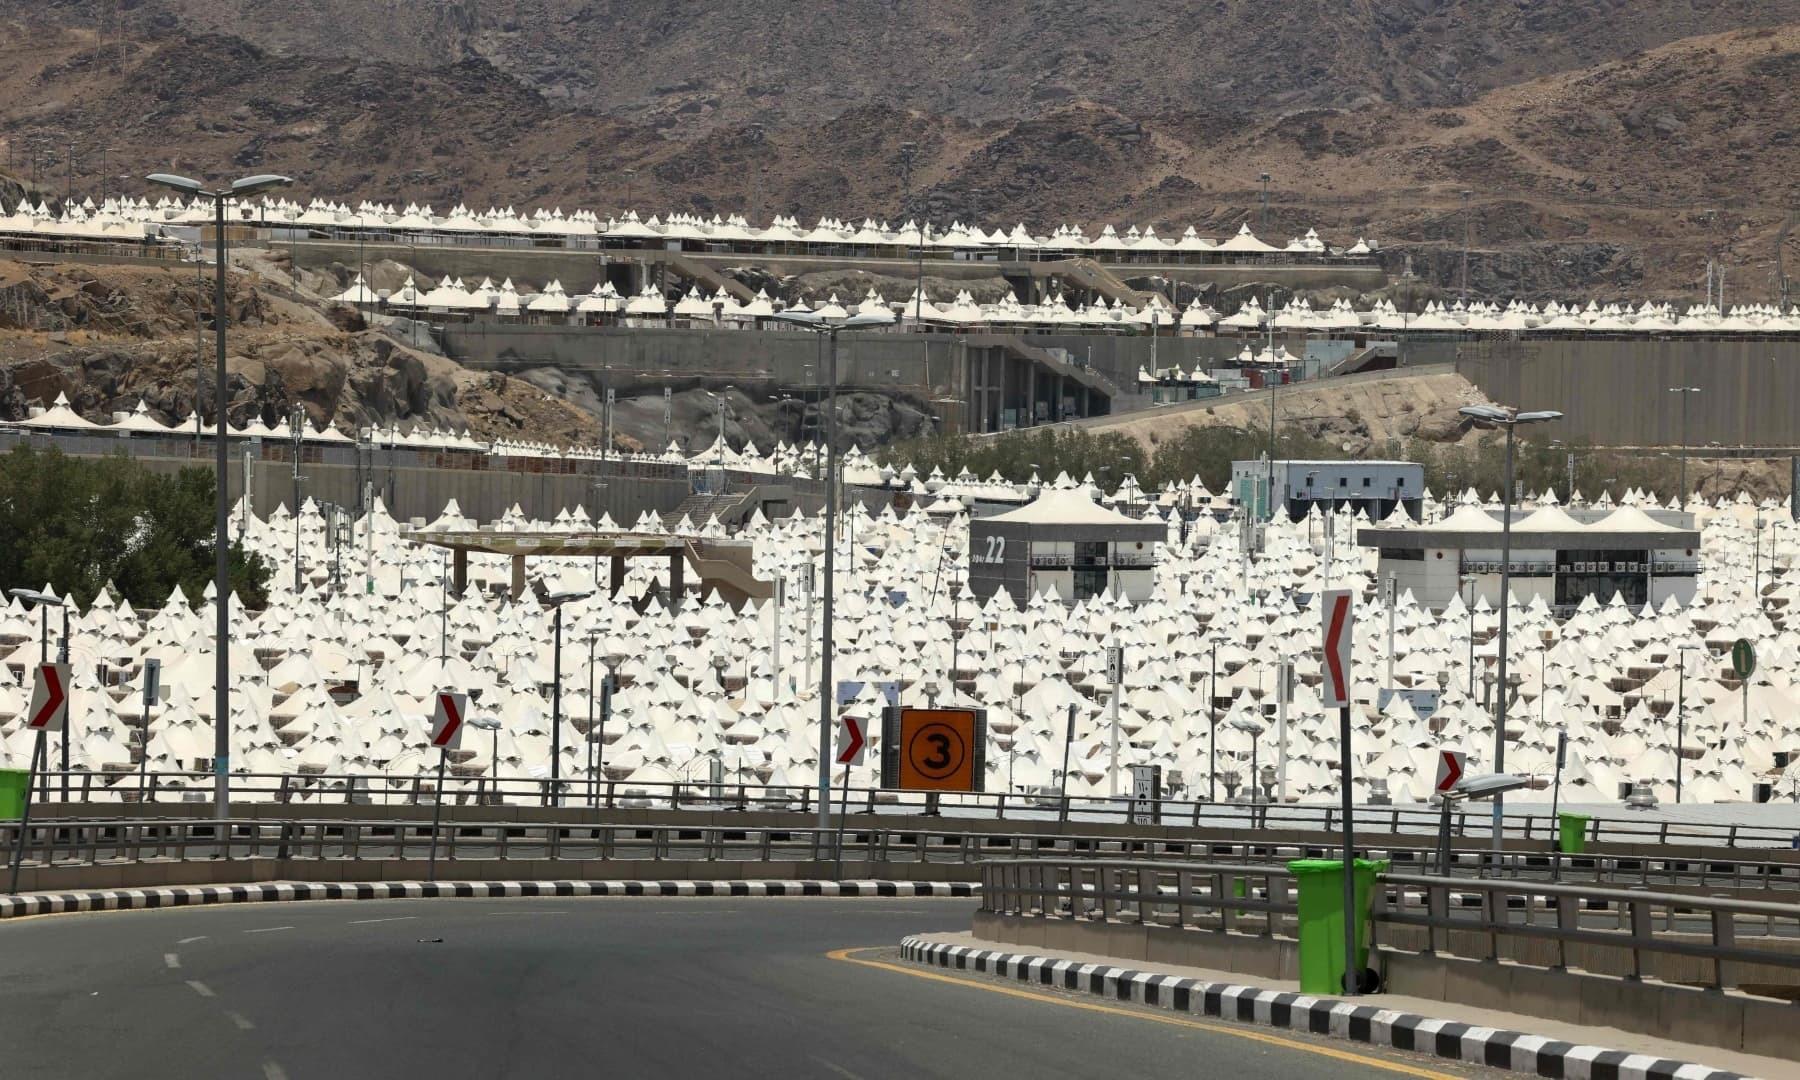 سعودی عرب کے مقدس شہر مکہ مکرمہ کے قریب مینا میں خیمے لگائے گئے ہیں – فوٹو: اے ایف پی